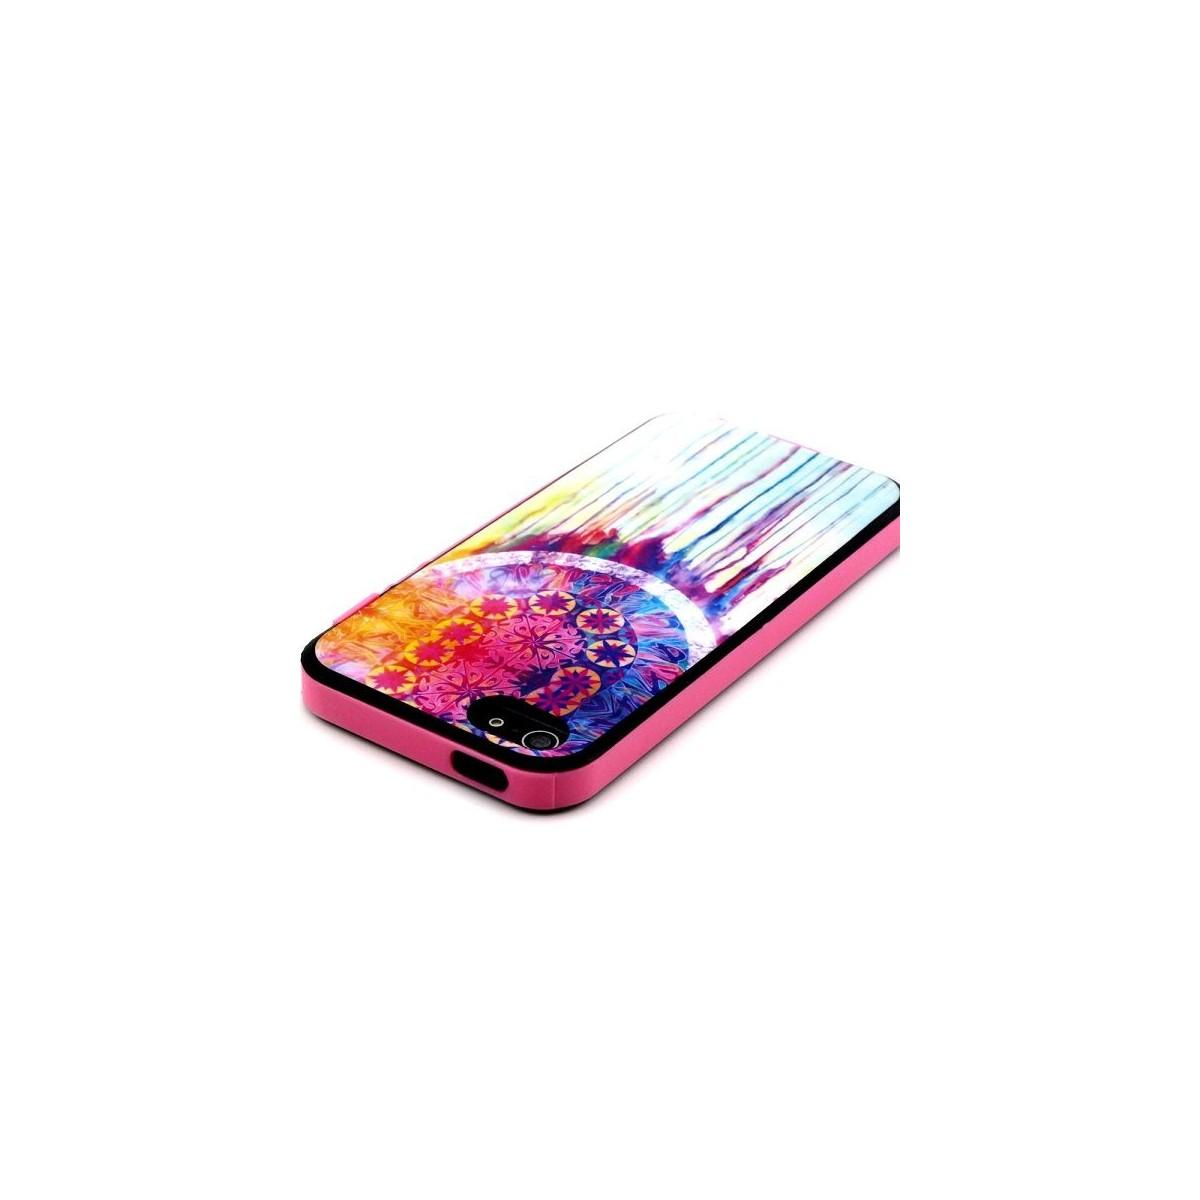 Coque iPhone 5C indienne motif Attrape Rêve Coloré